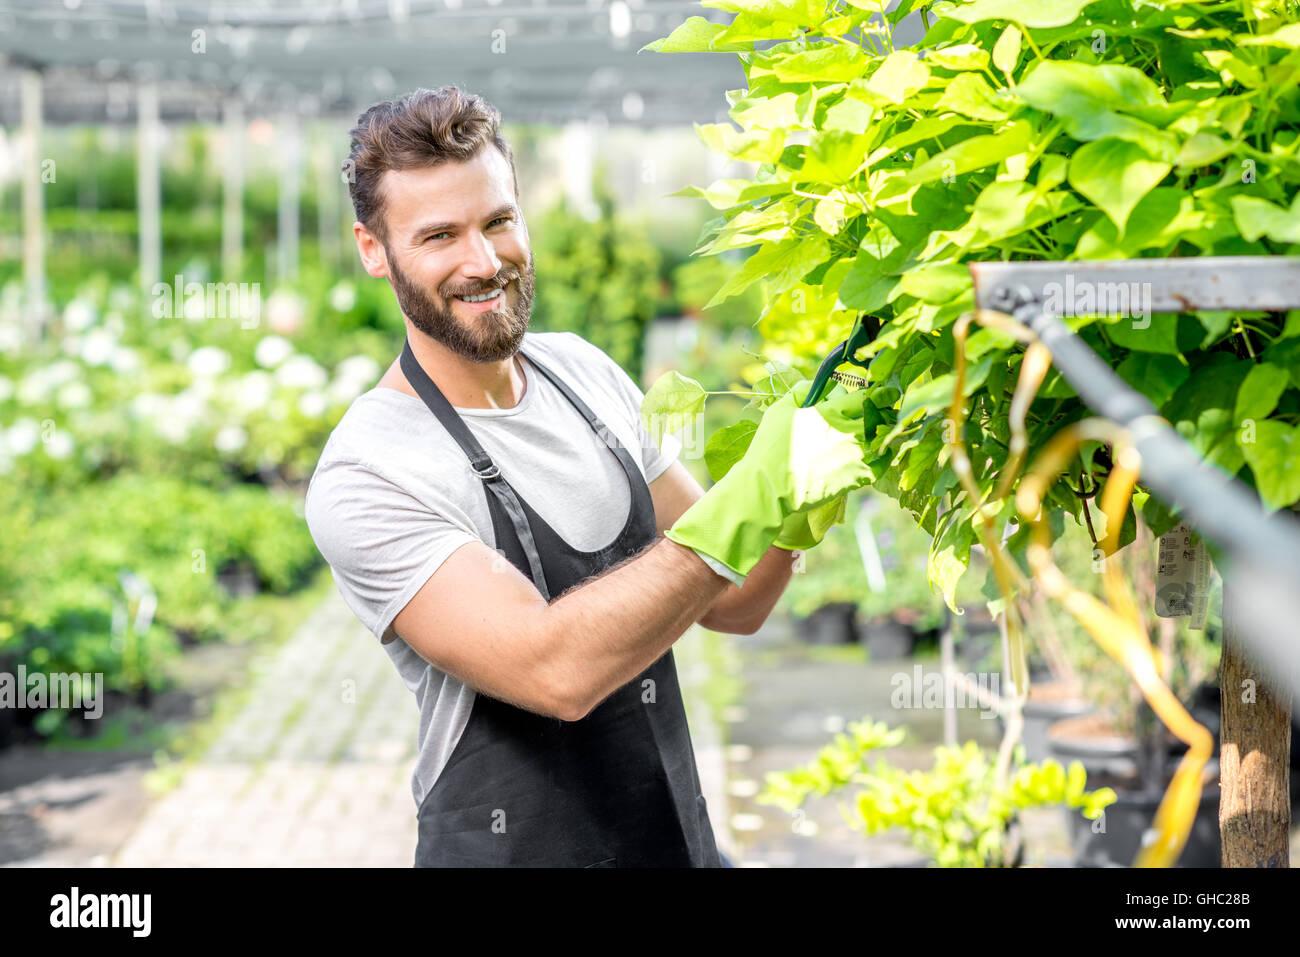 Gardener pruning a tree - Stock Image